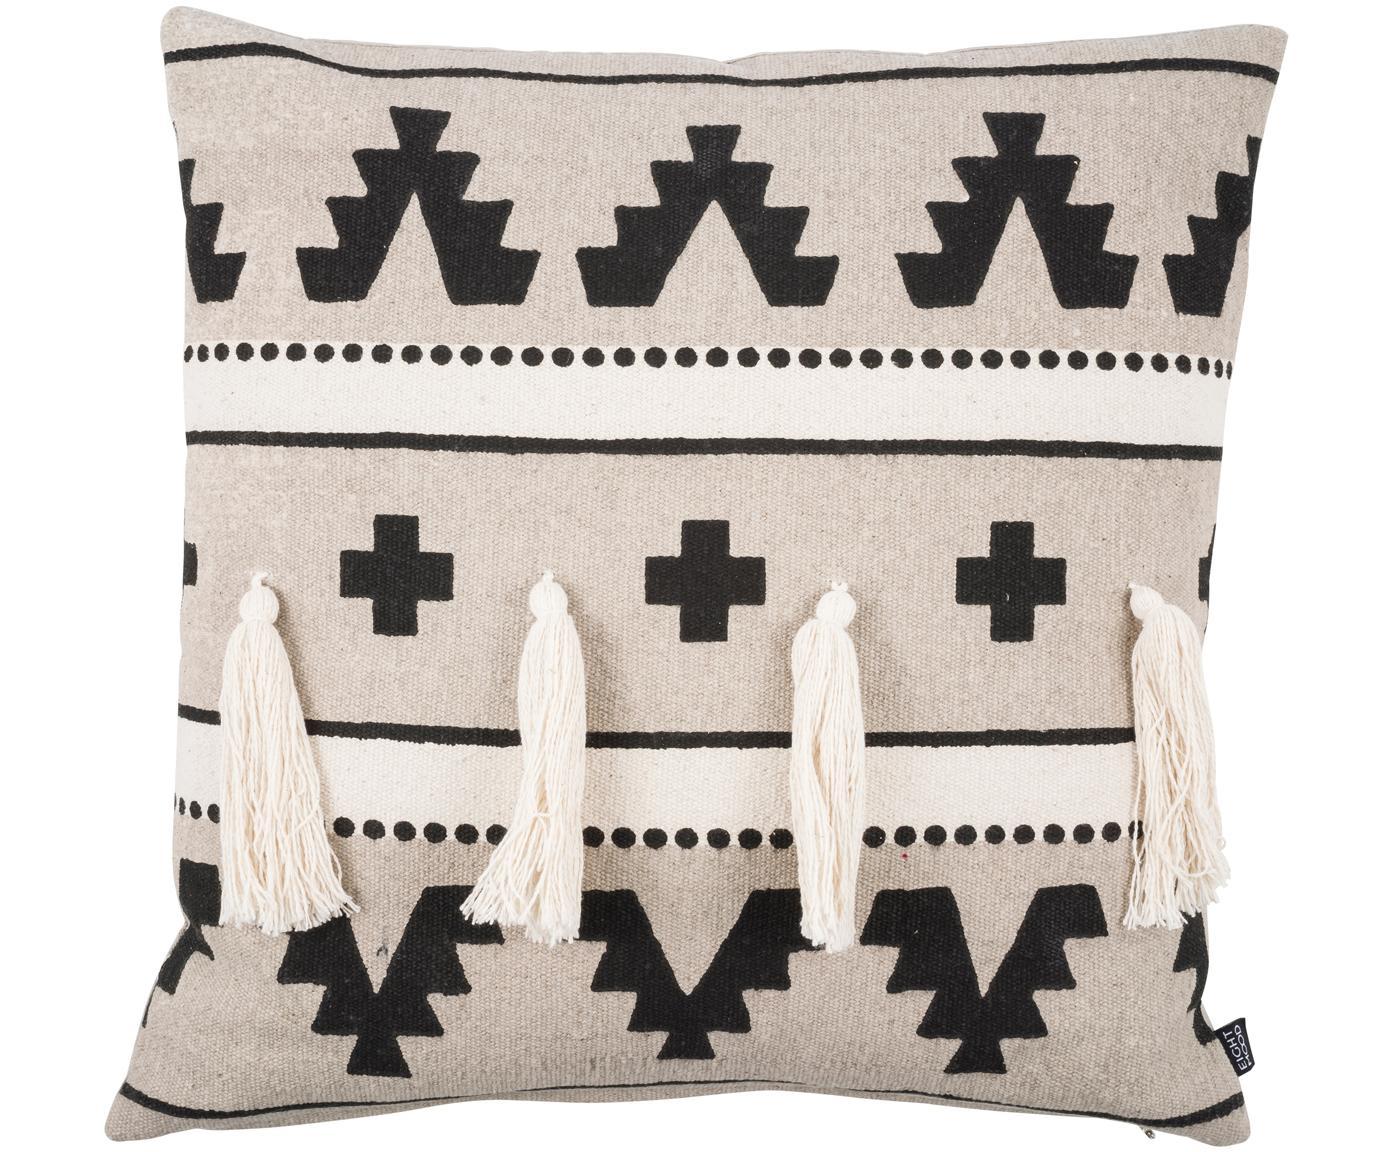 Federa arredo etnica con nappe Wildheart, 100% cotone, Bianco, crema, nero, Larg. 50 x Lung. 50 cm